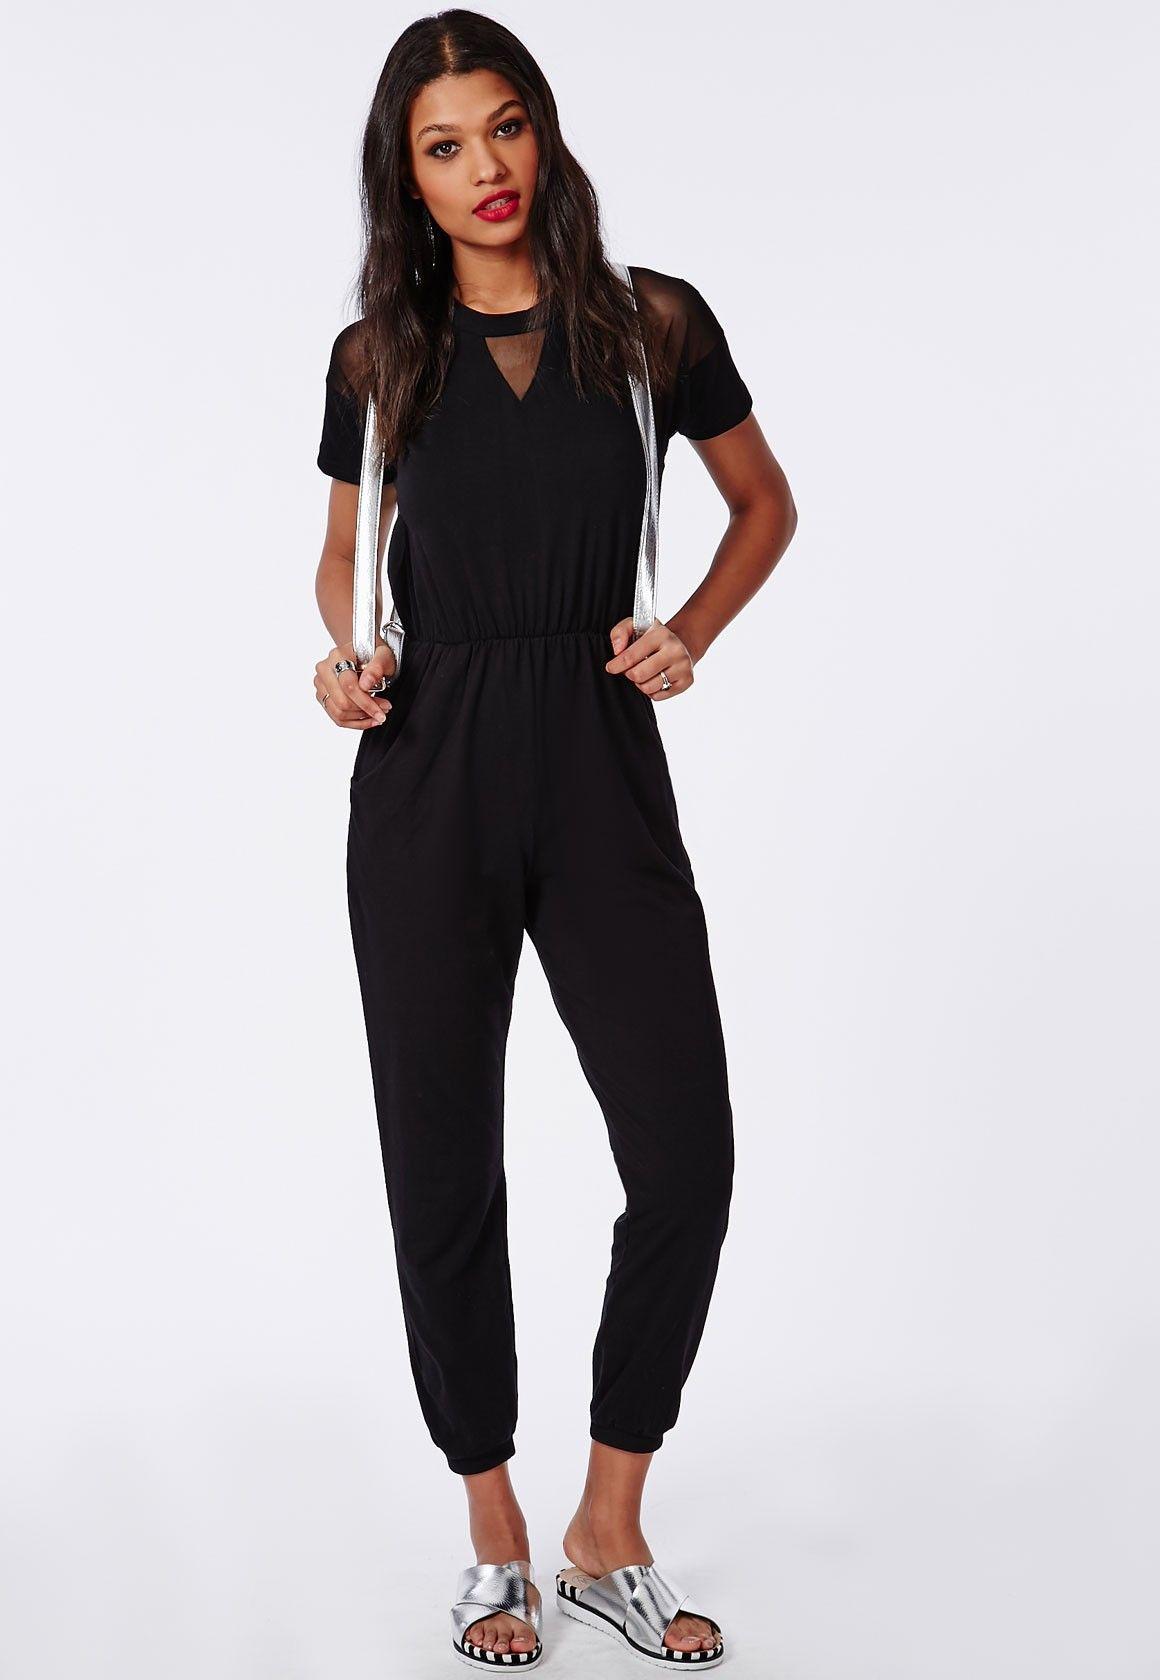 d92384a1dad5 Jersey Mesh Panel Jumpsuit Black - Jumpsuits - Missguided